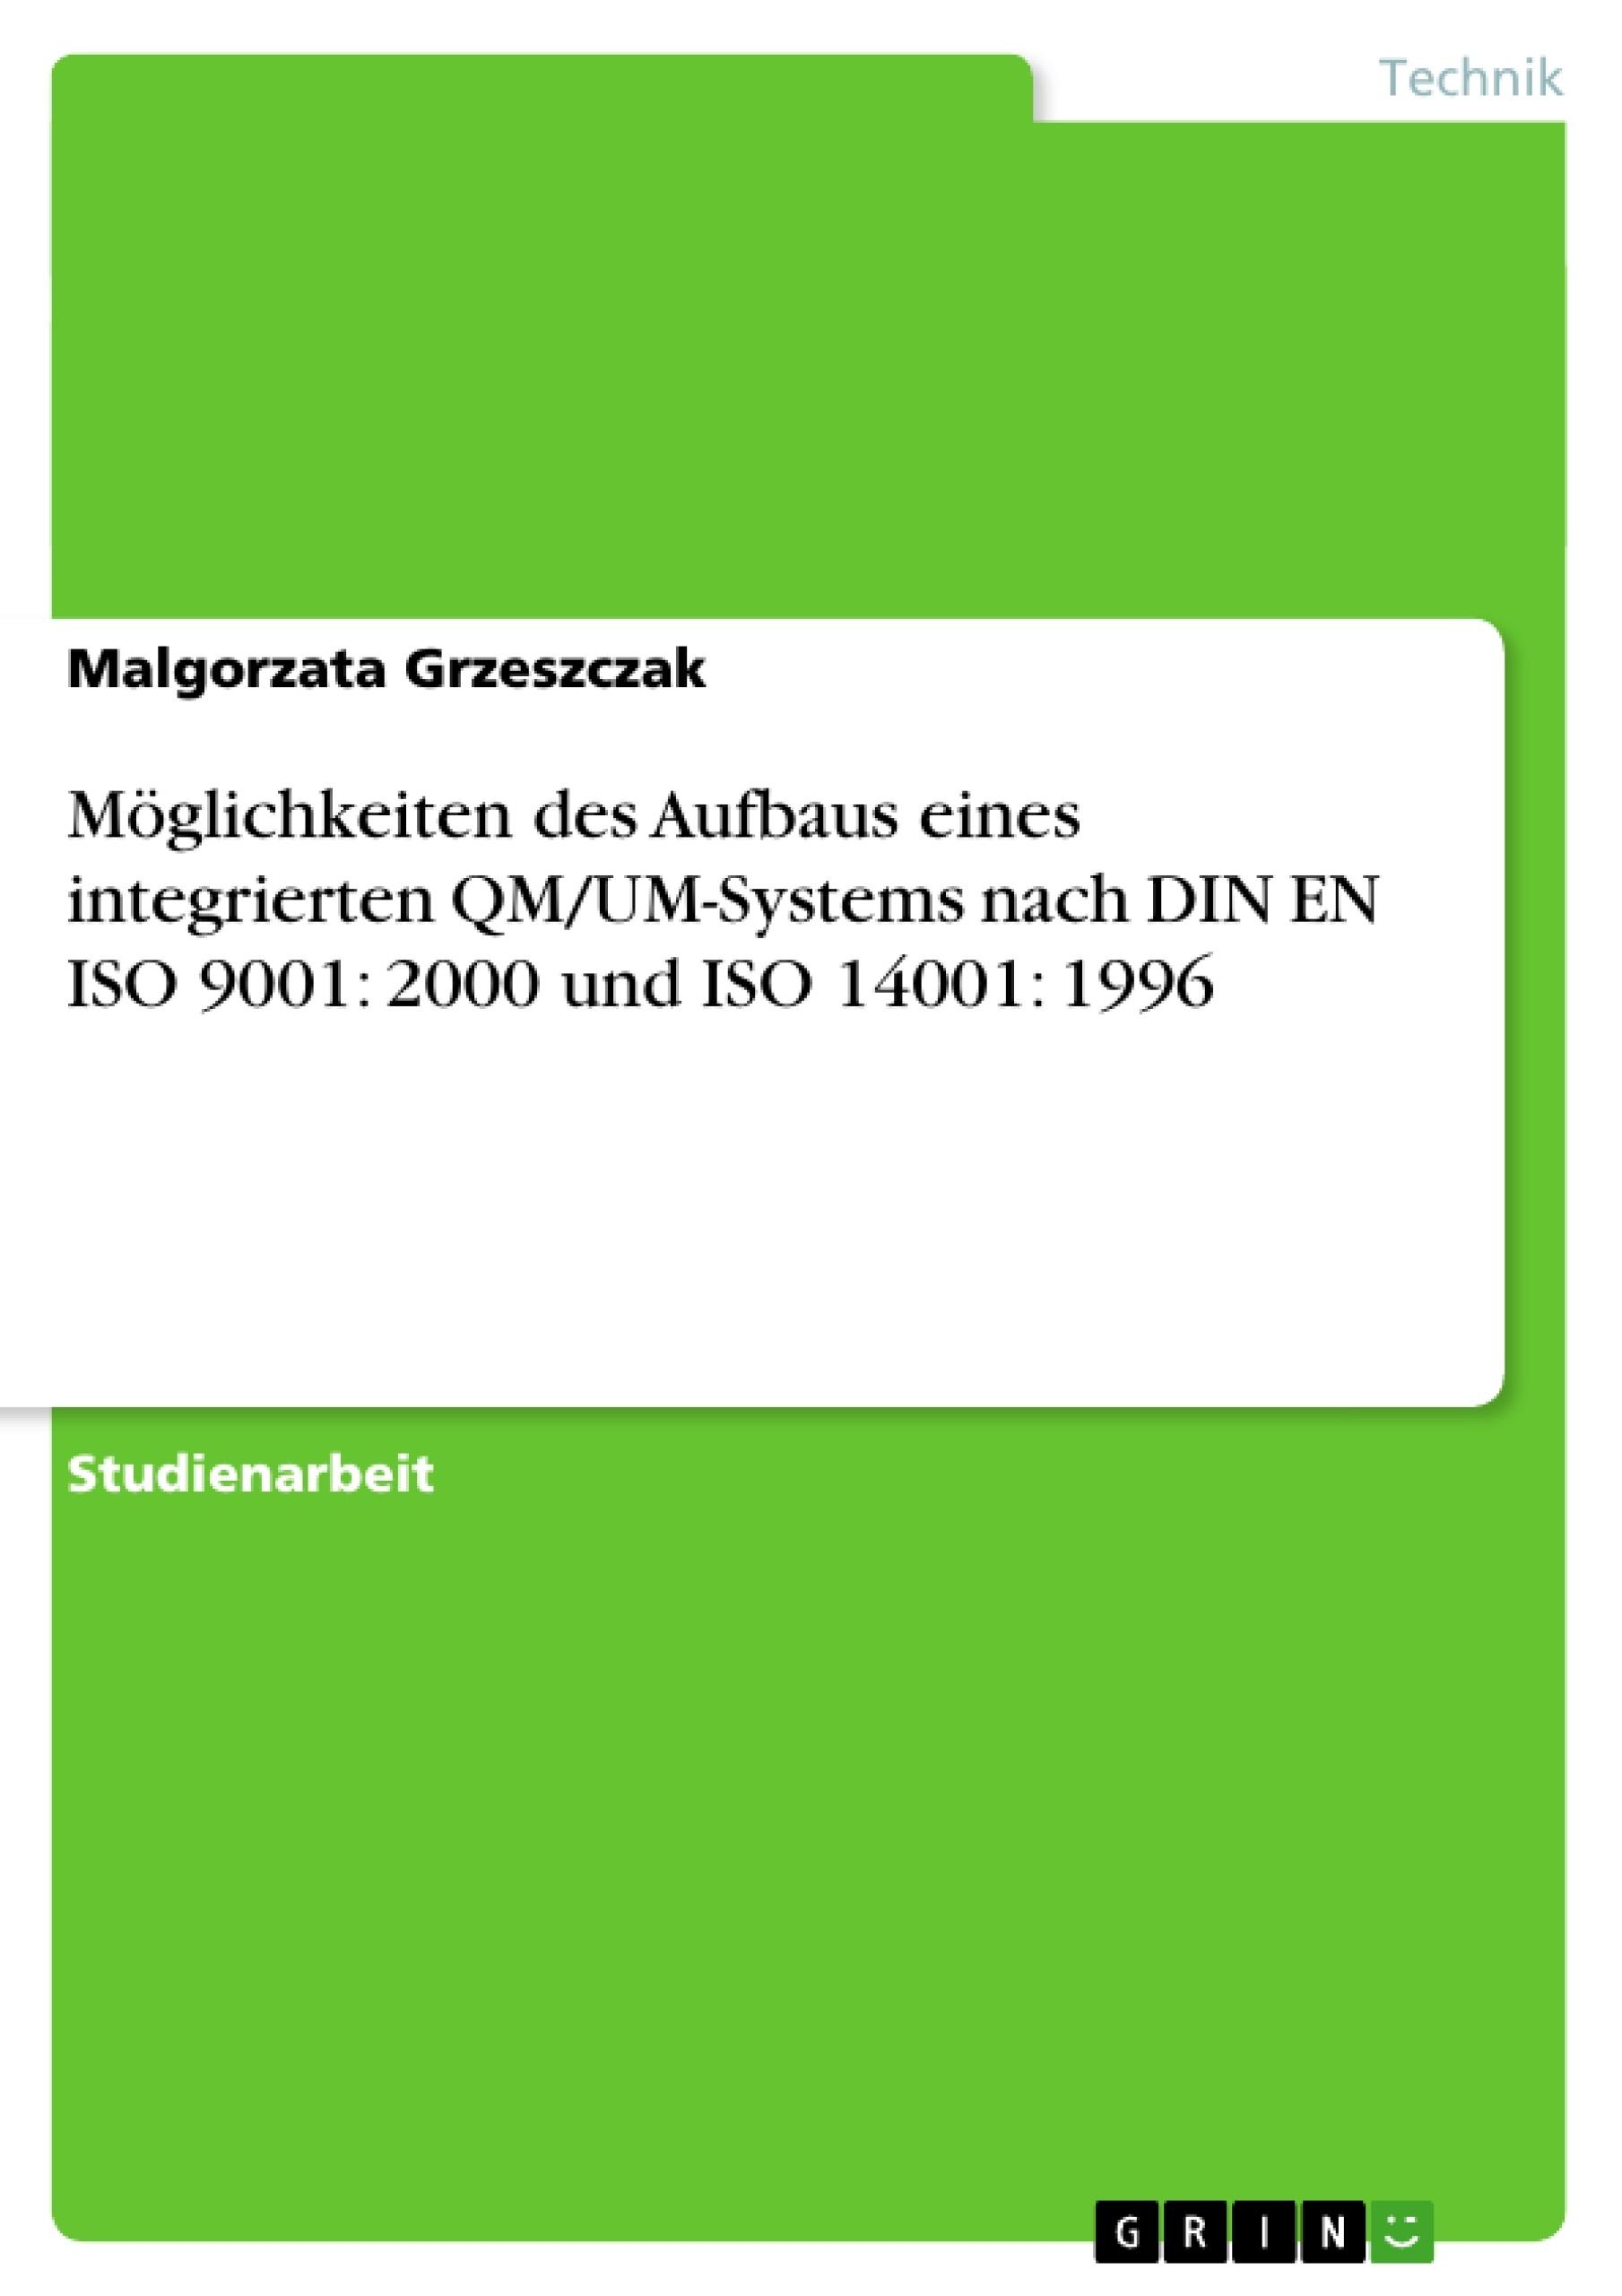 Titel: Möglichkeiten des Aufbaus eines integrierten QM/UM-Systems nach DIN EN ISO 9001: 2000 und ISO 14001: 1996